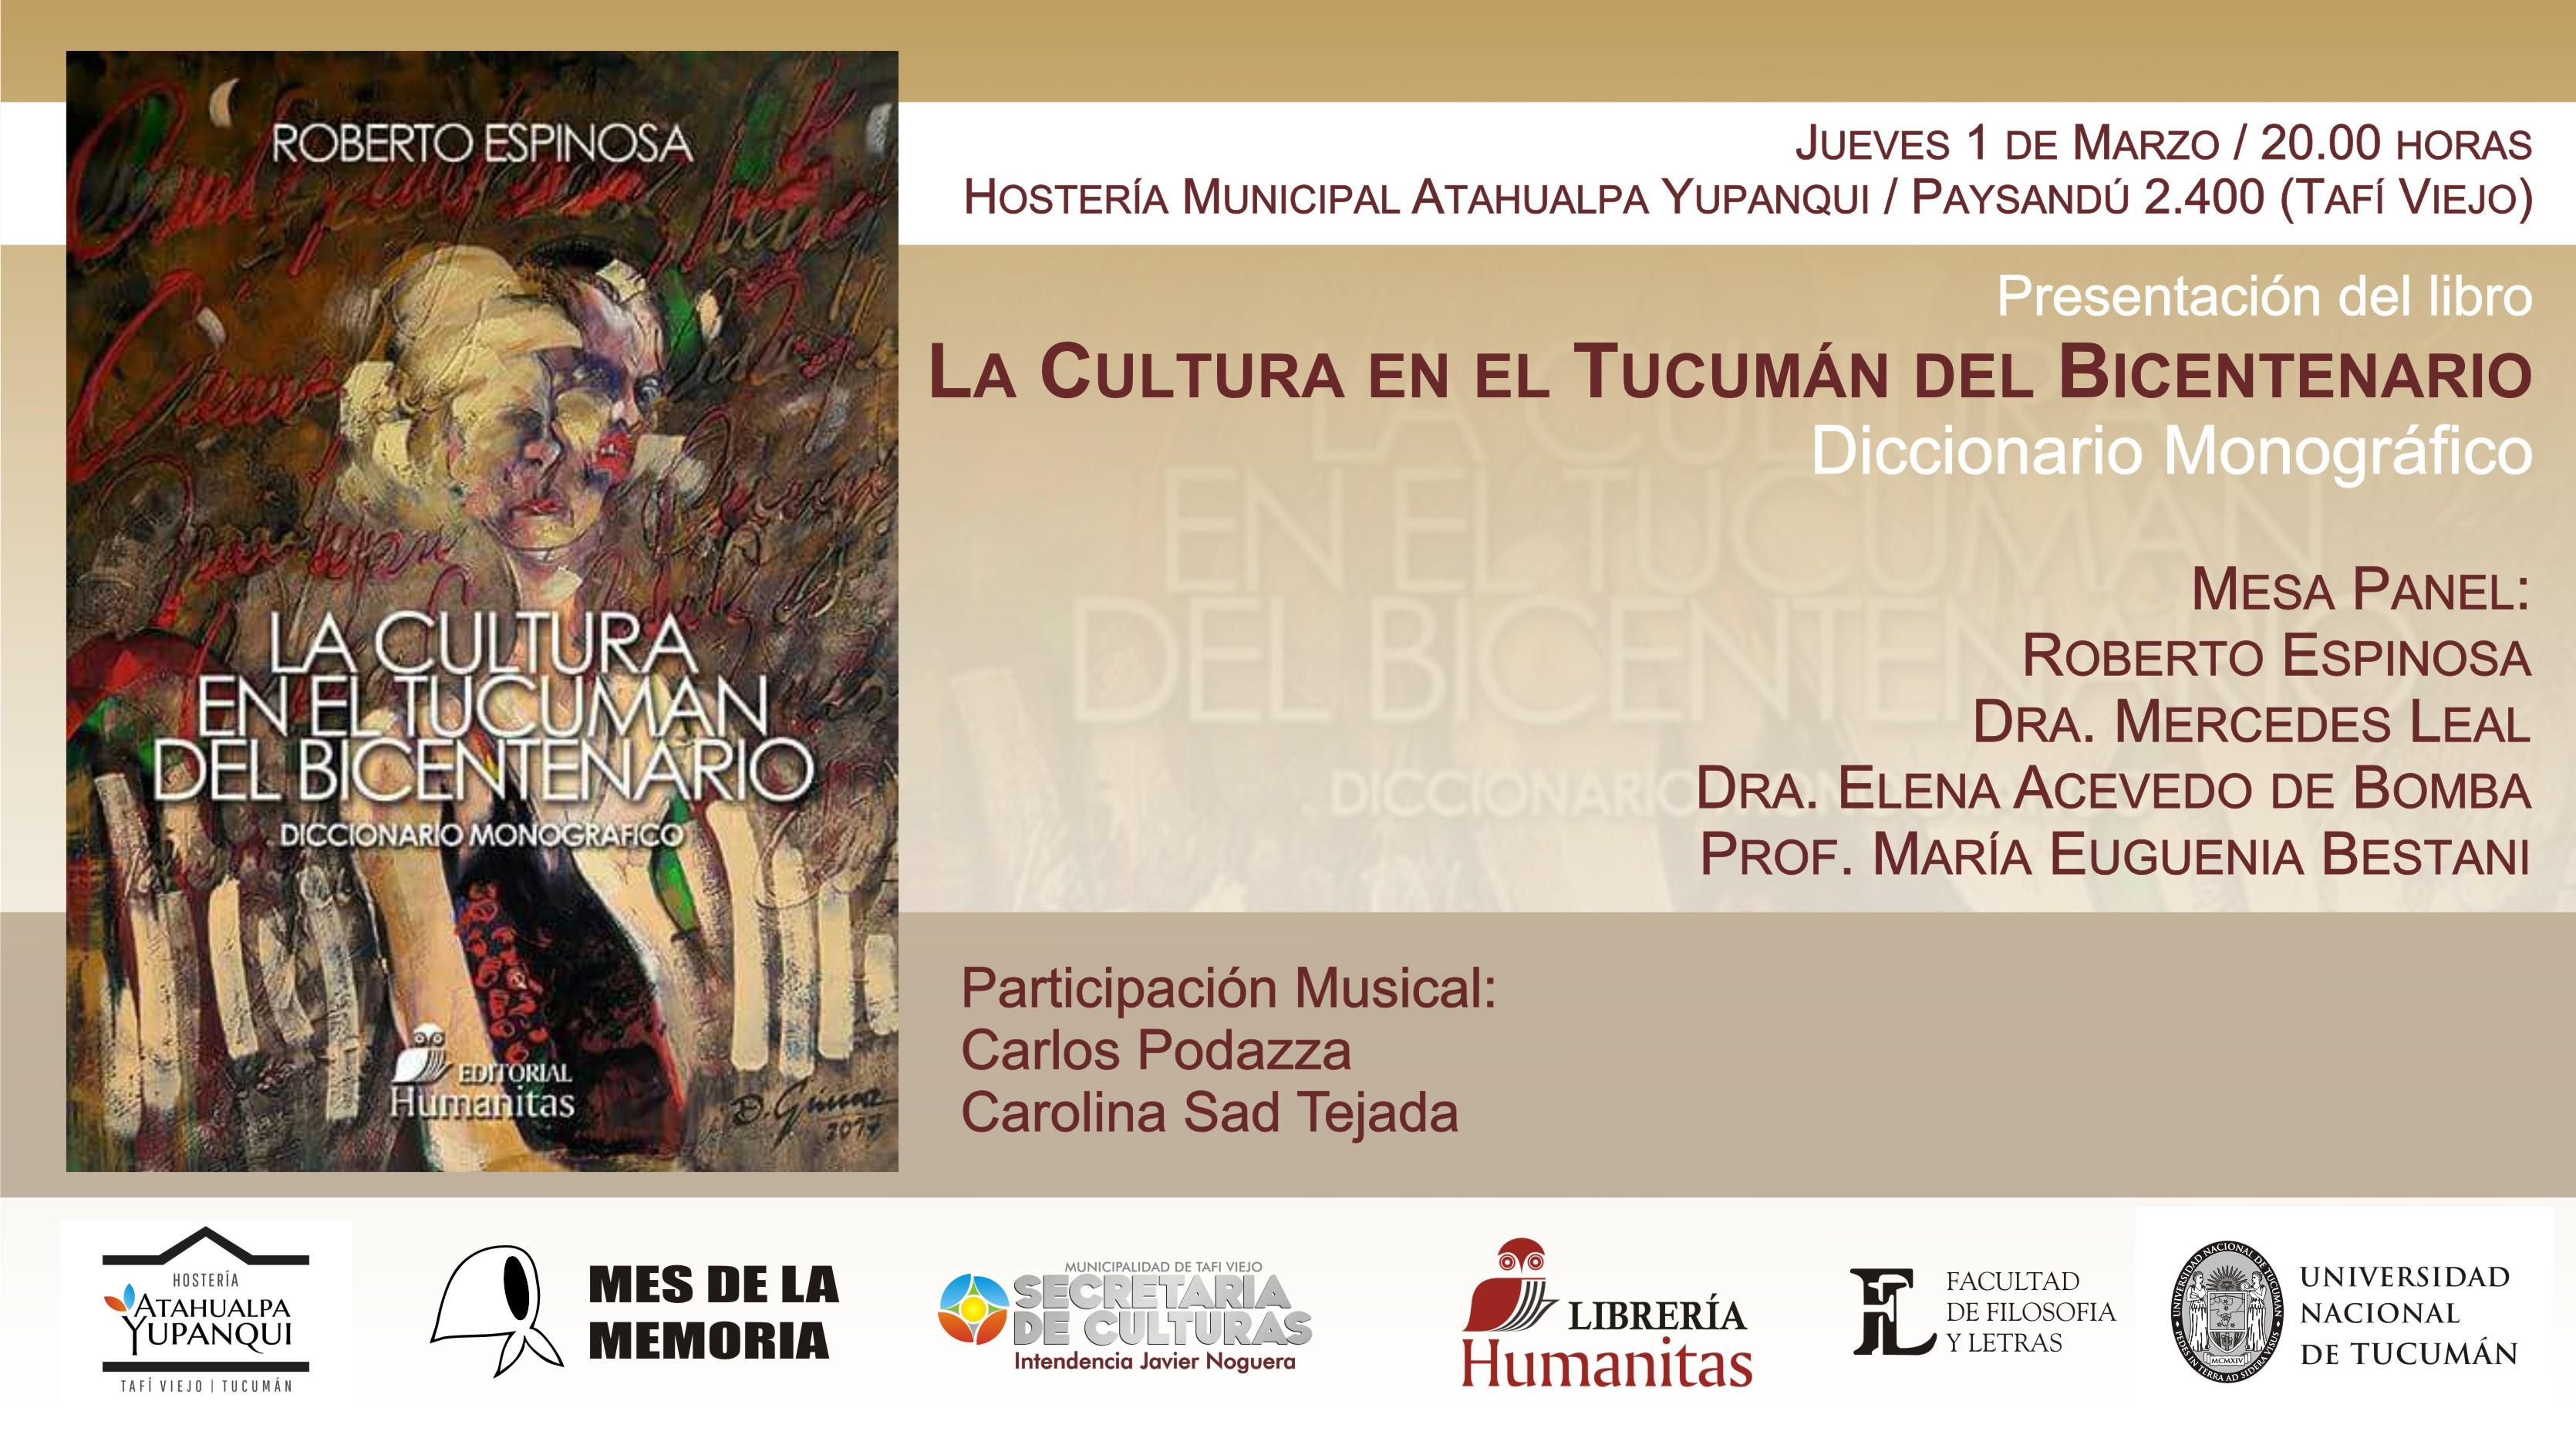 Presentación libro Roberto Espinosa en Tafí Viejo